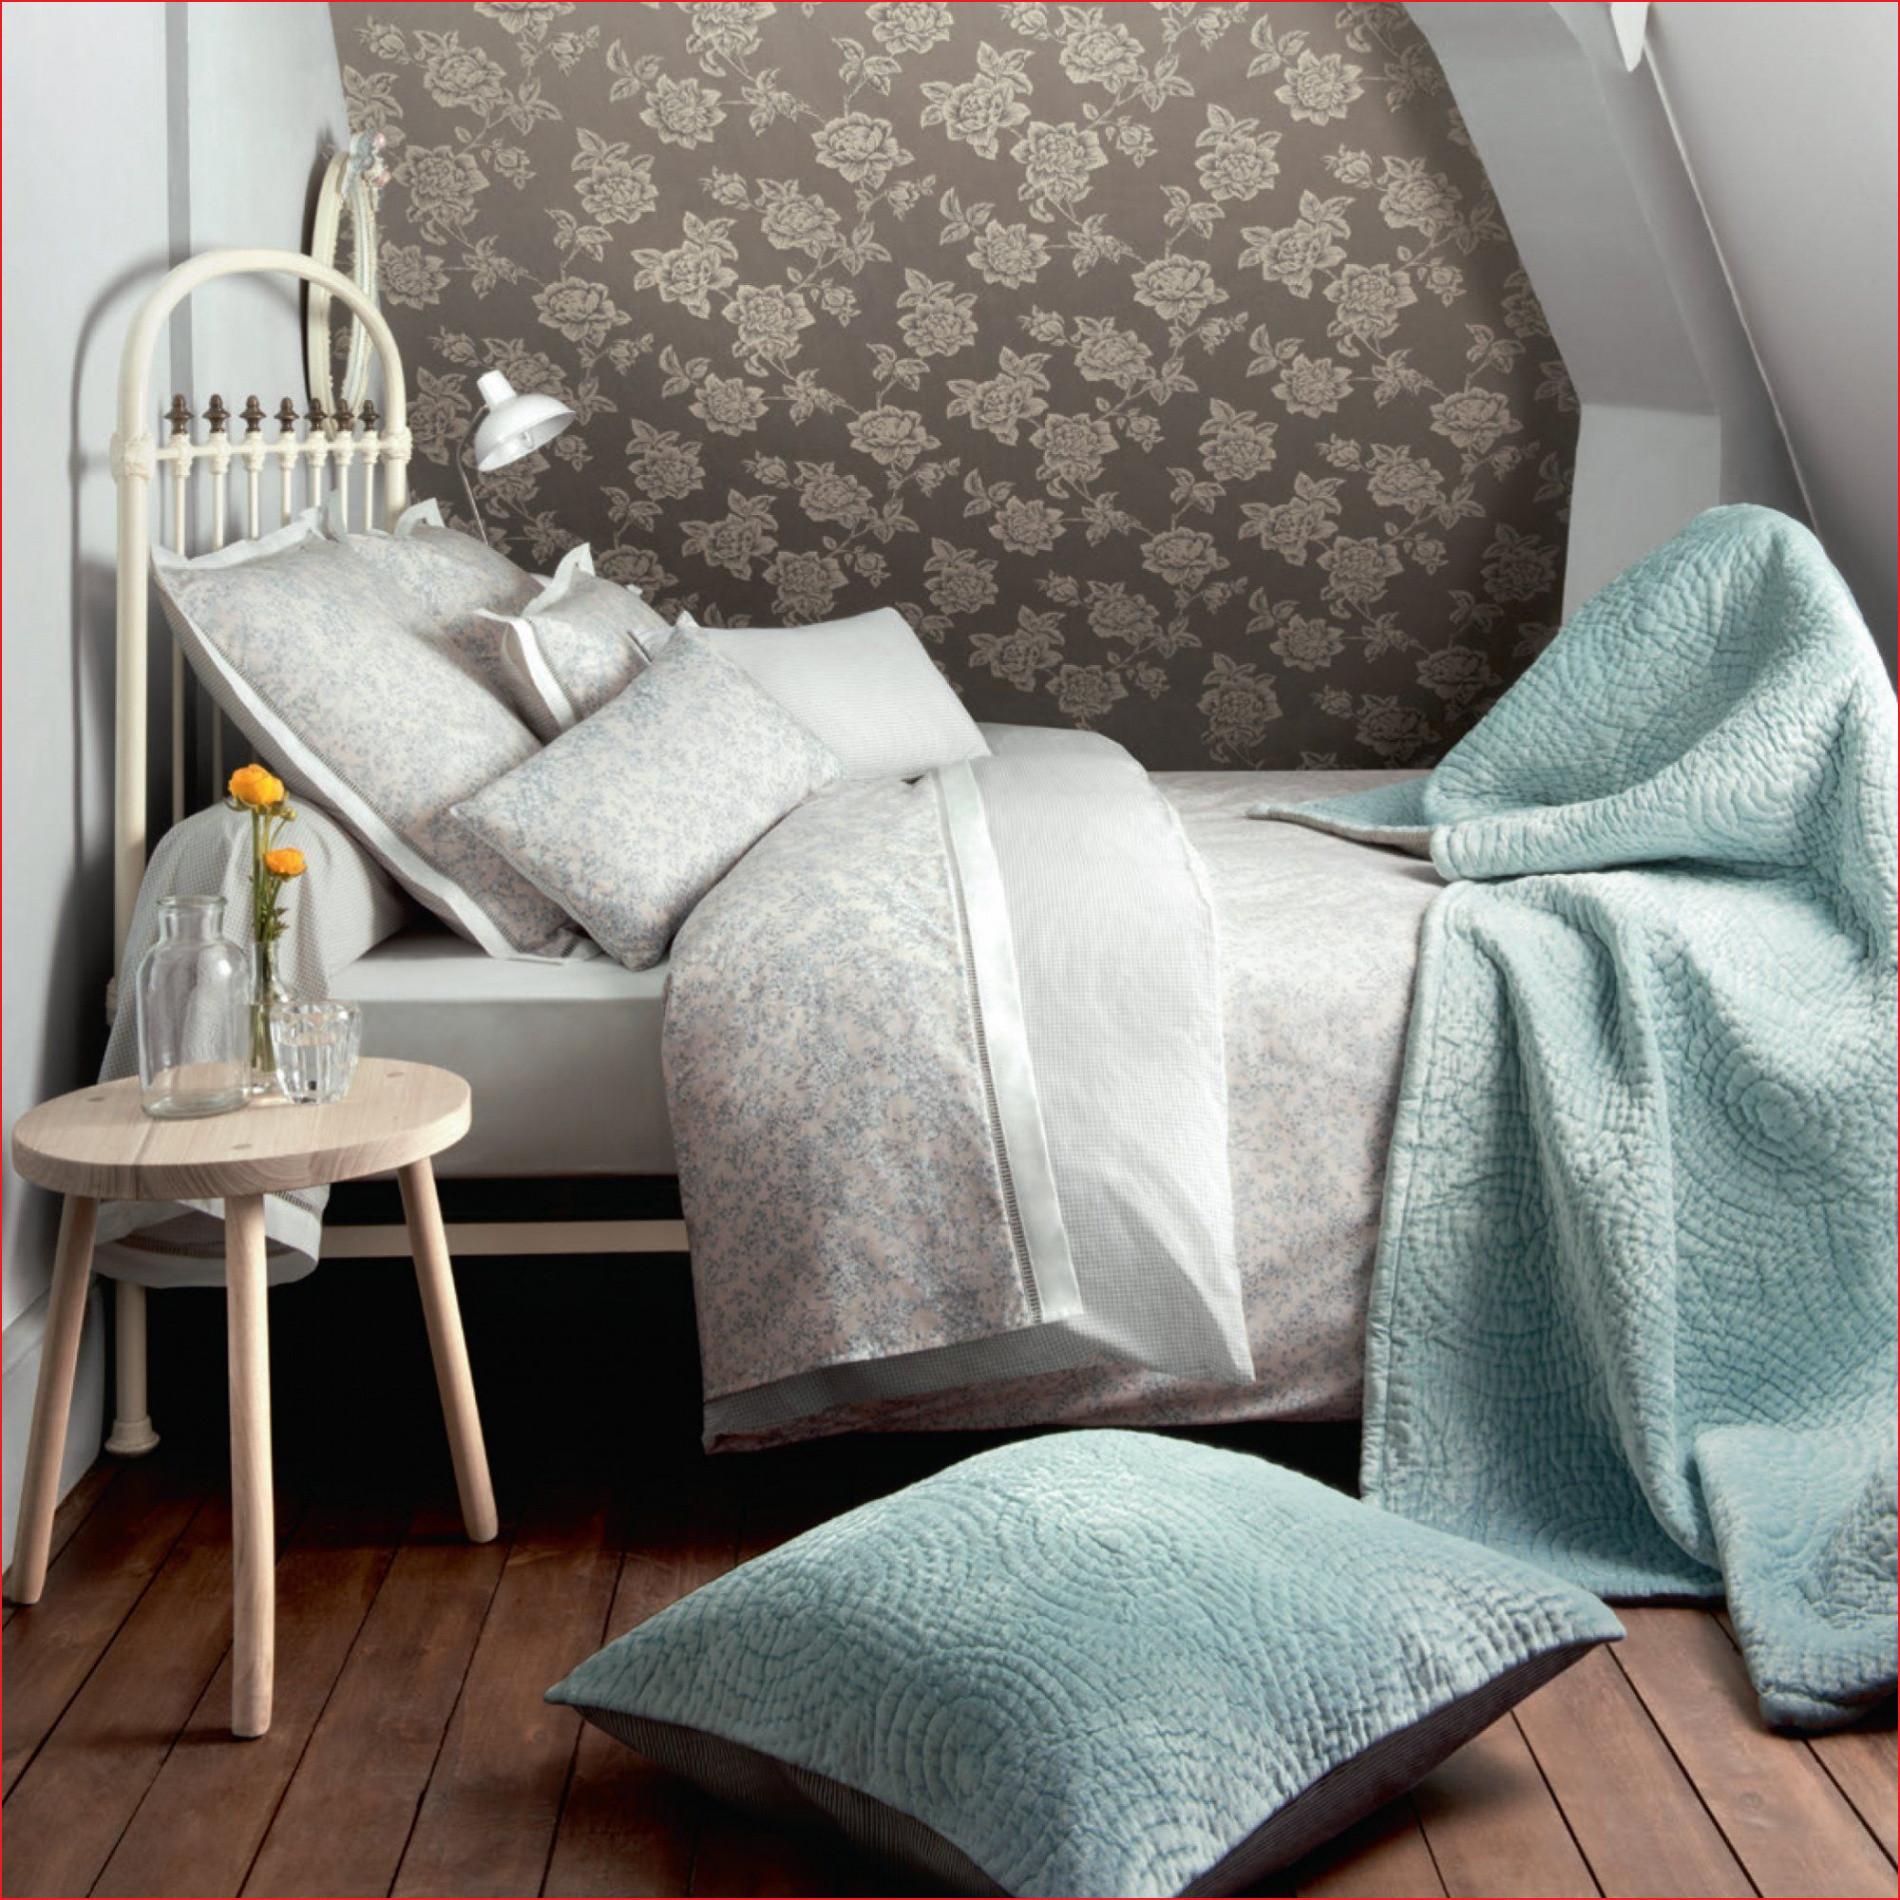 tour de lit coussins coussin pour lit laguerredesmots of tour de lit coussins 1